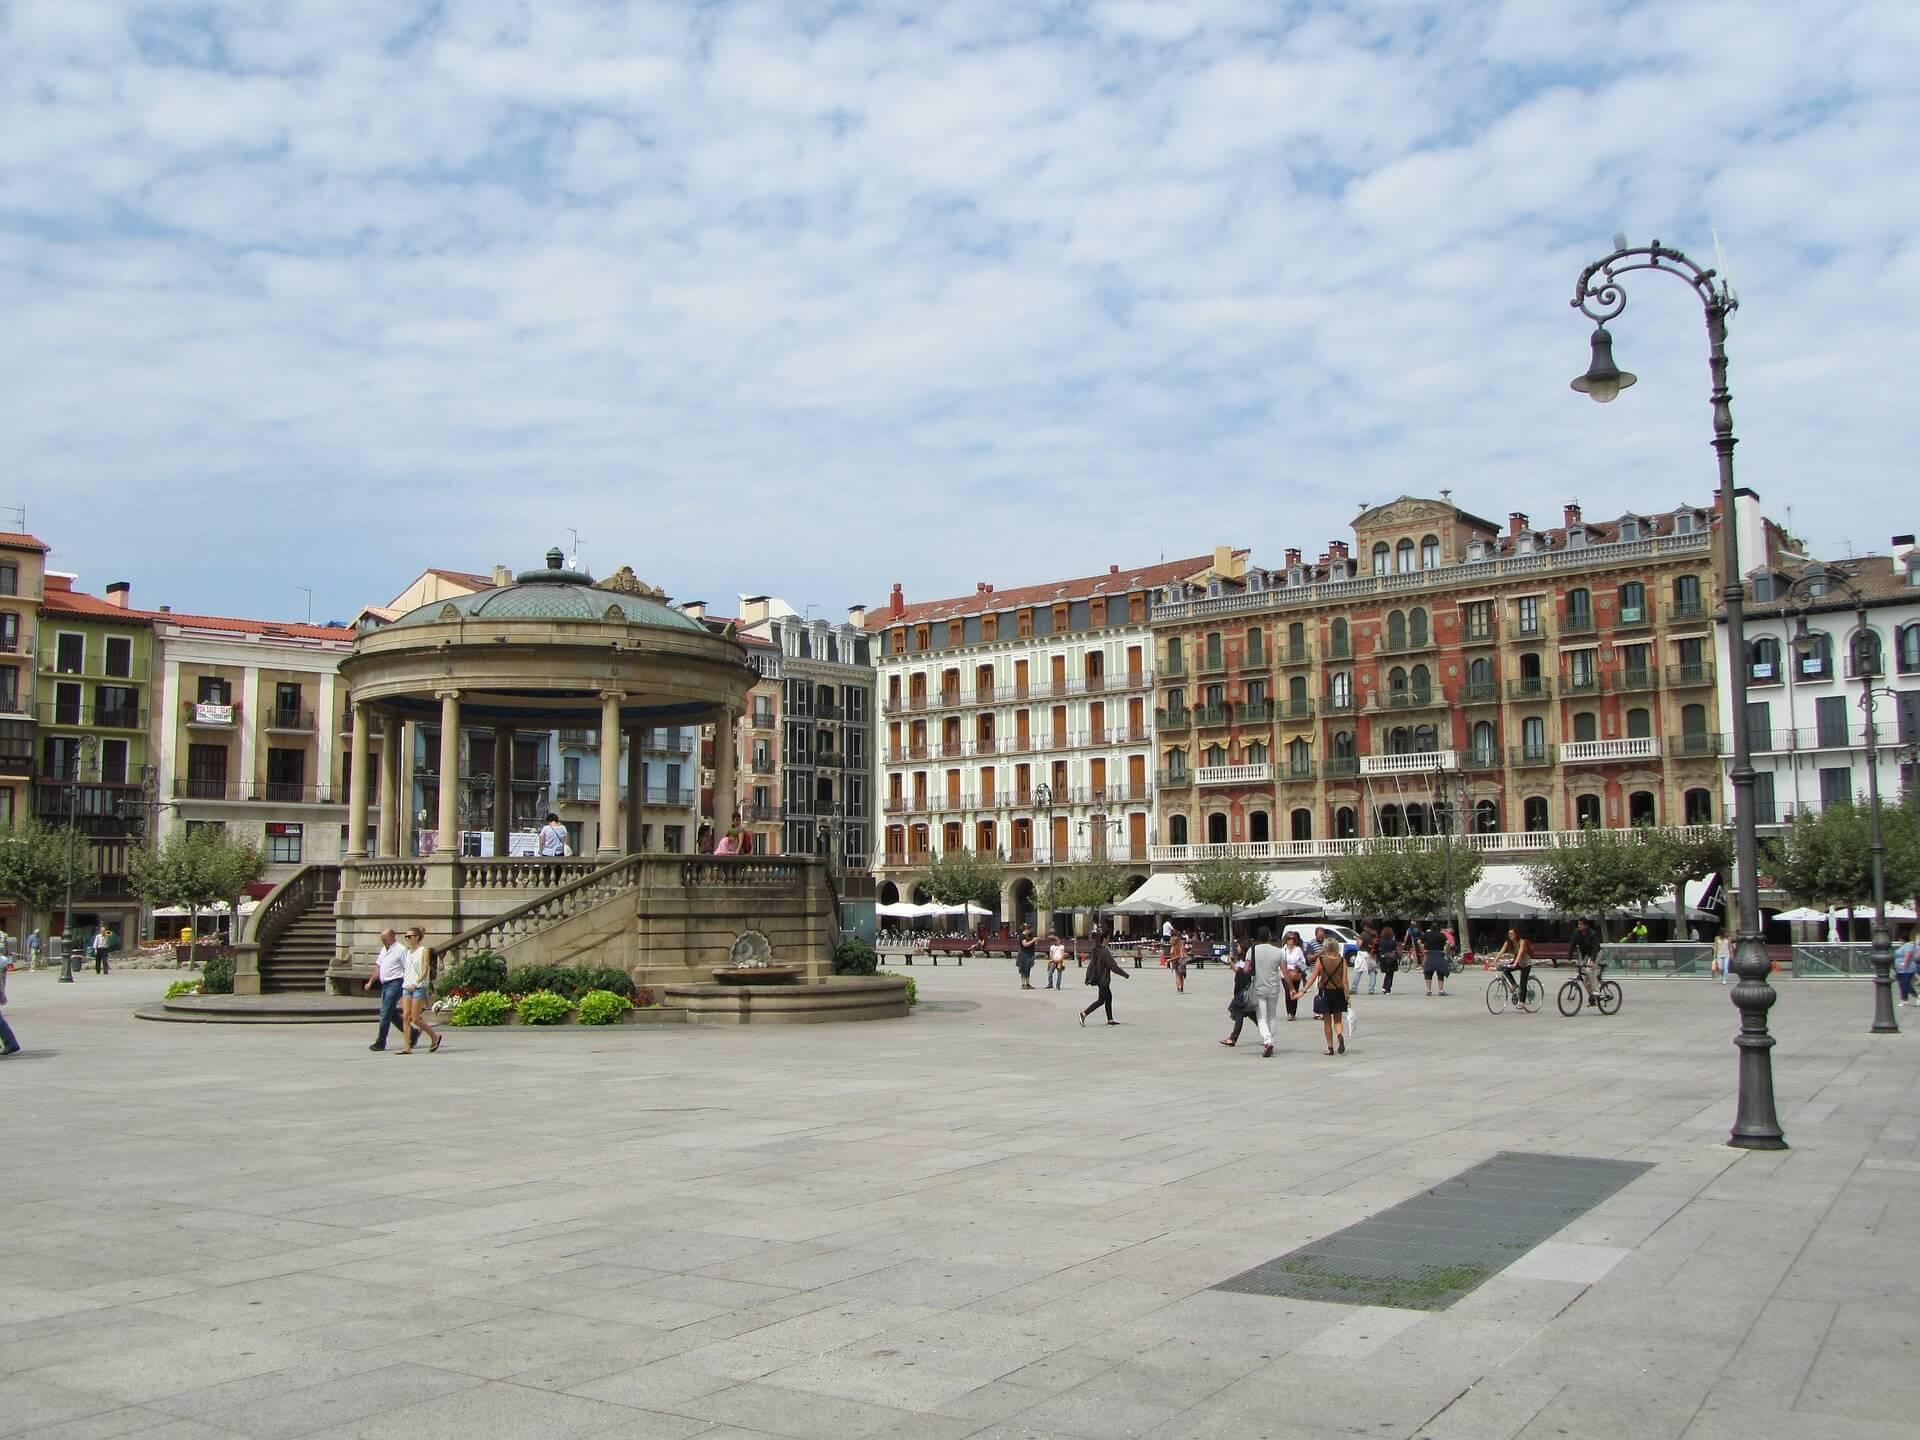 Direktflüge und Billigflüge nach Bilbao